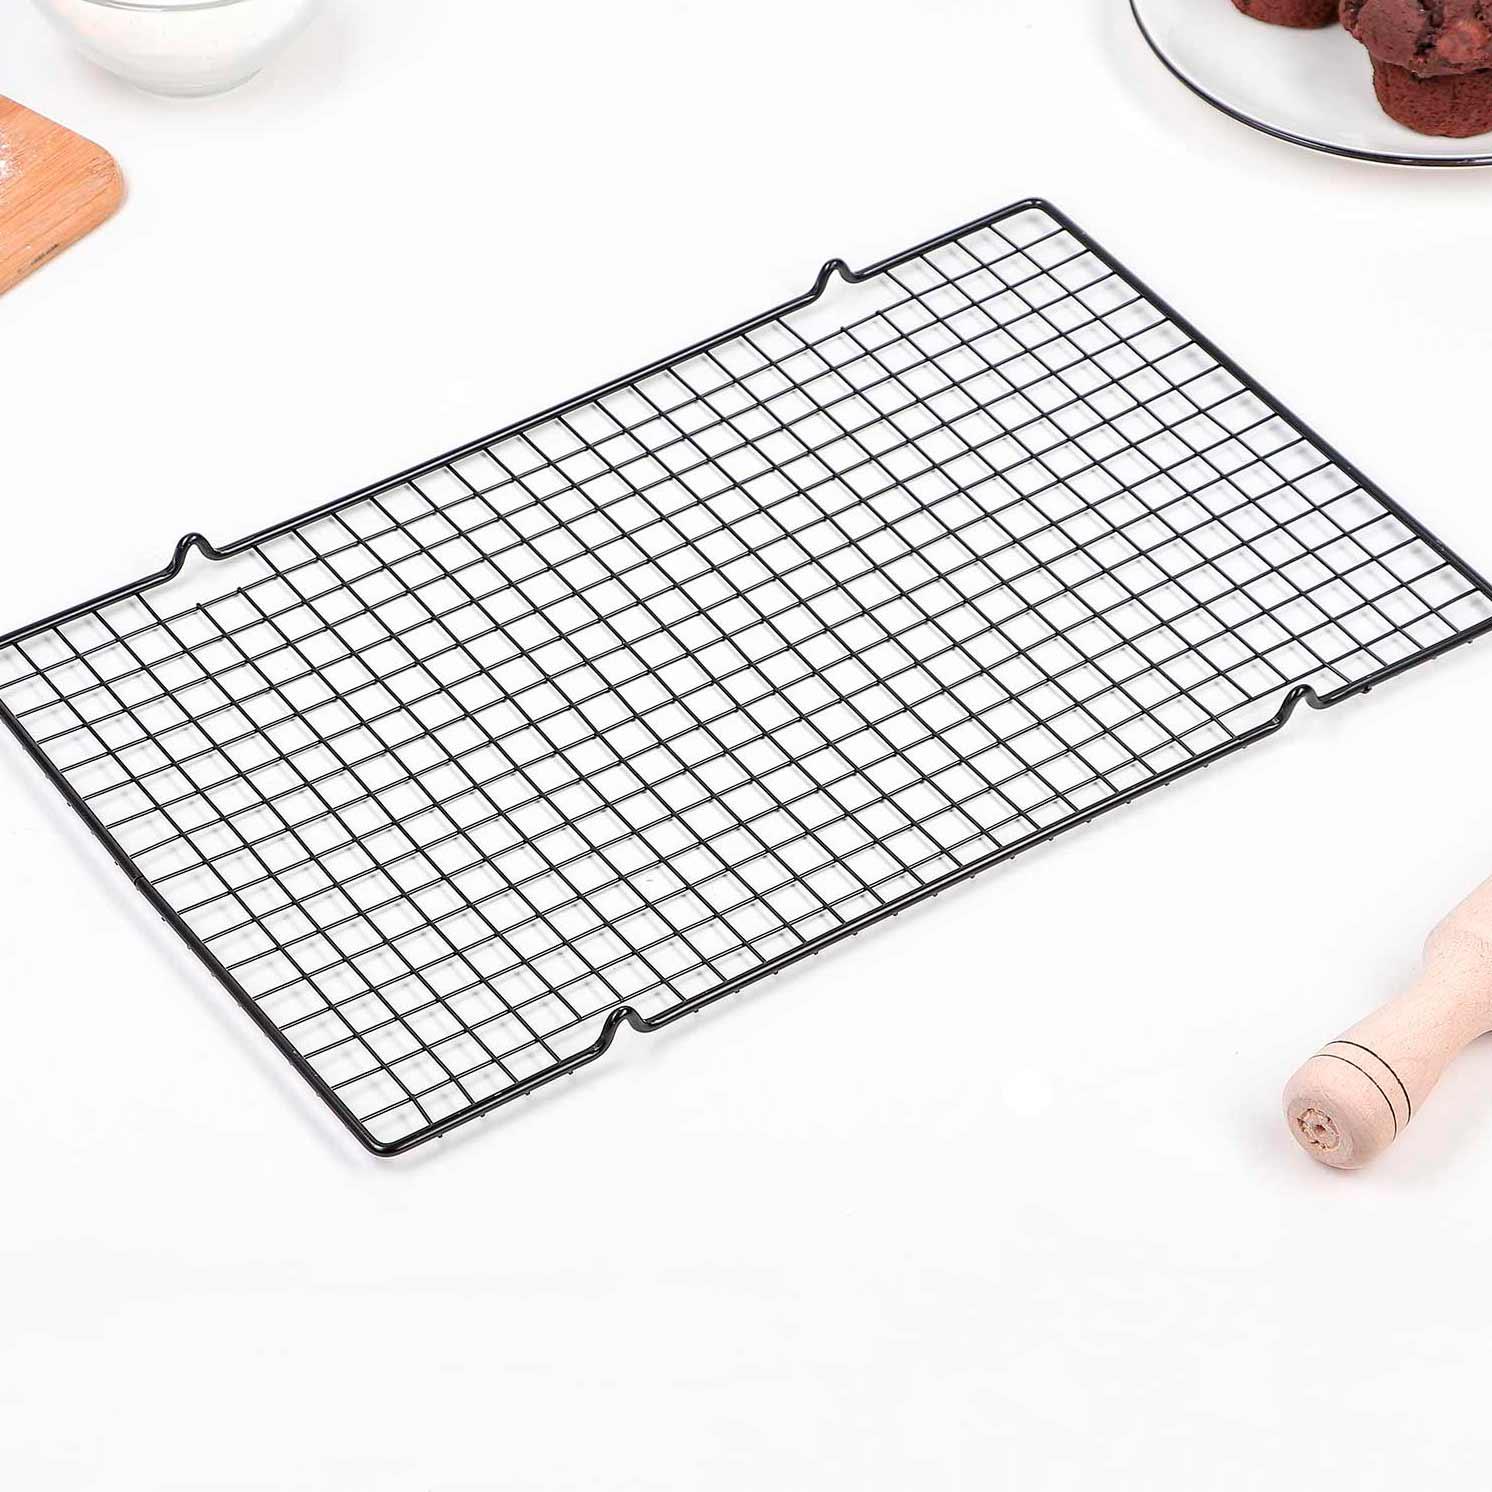 Решётка для глазирования и остывания кондитерских изделий 40×25×1,5 см